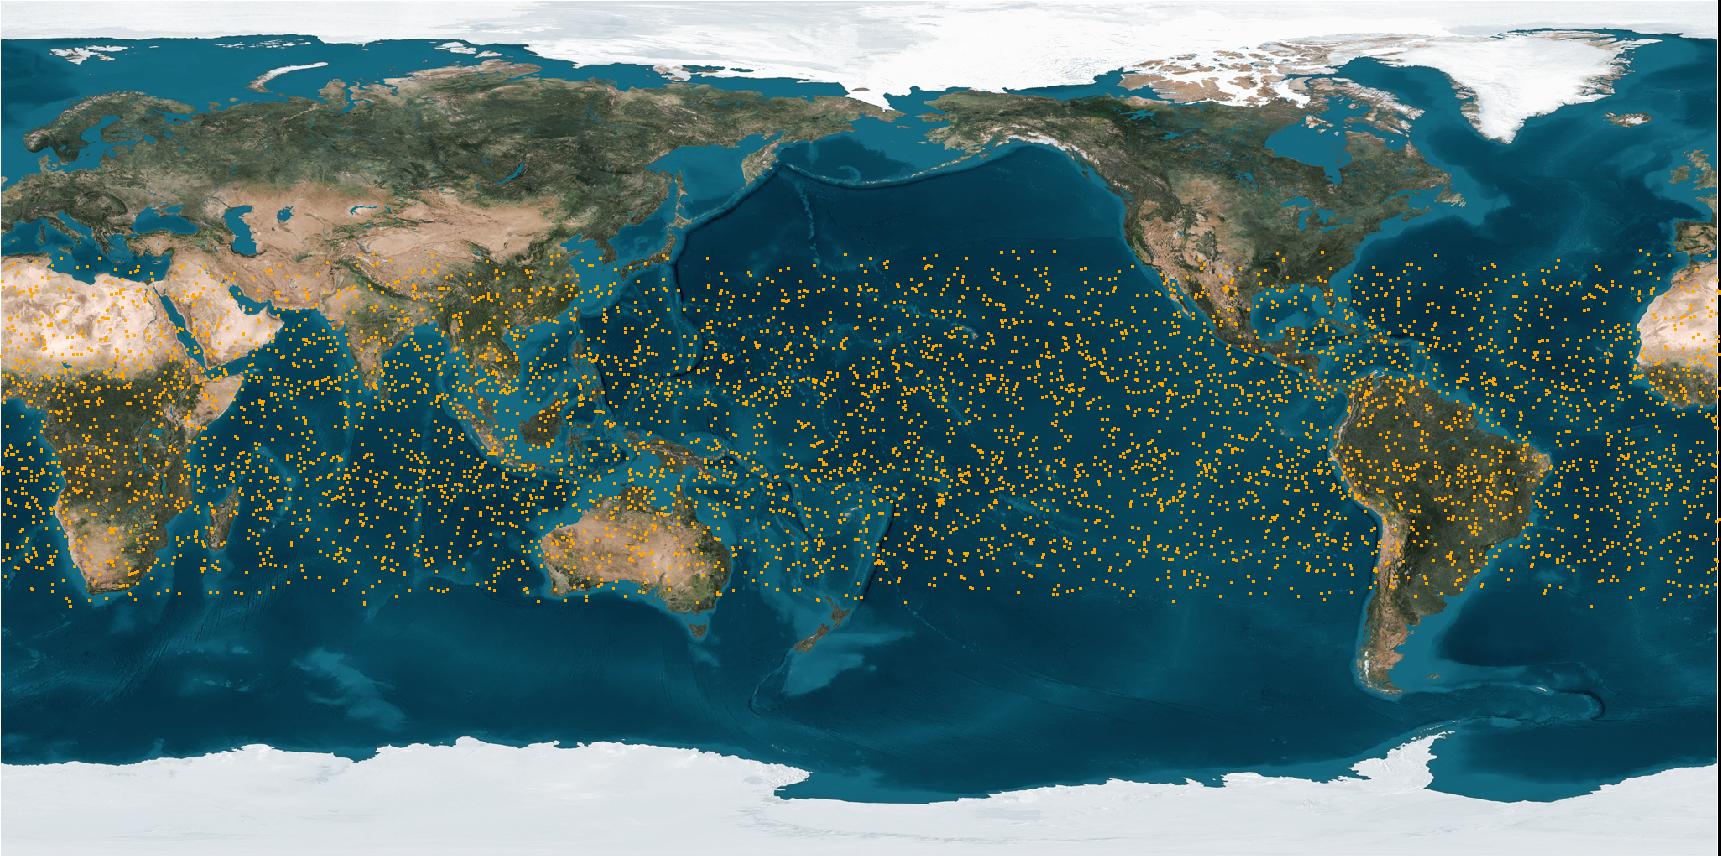 福衛七號六顆衛星每日可提供在南北緯50度間約4000掩星資料